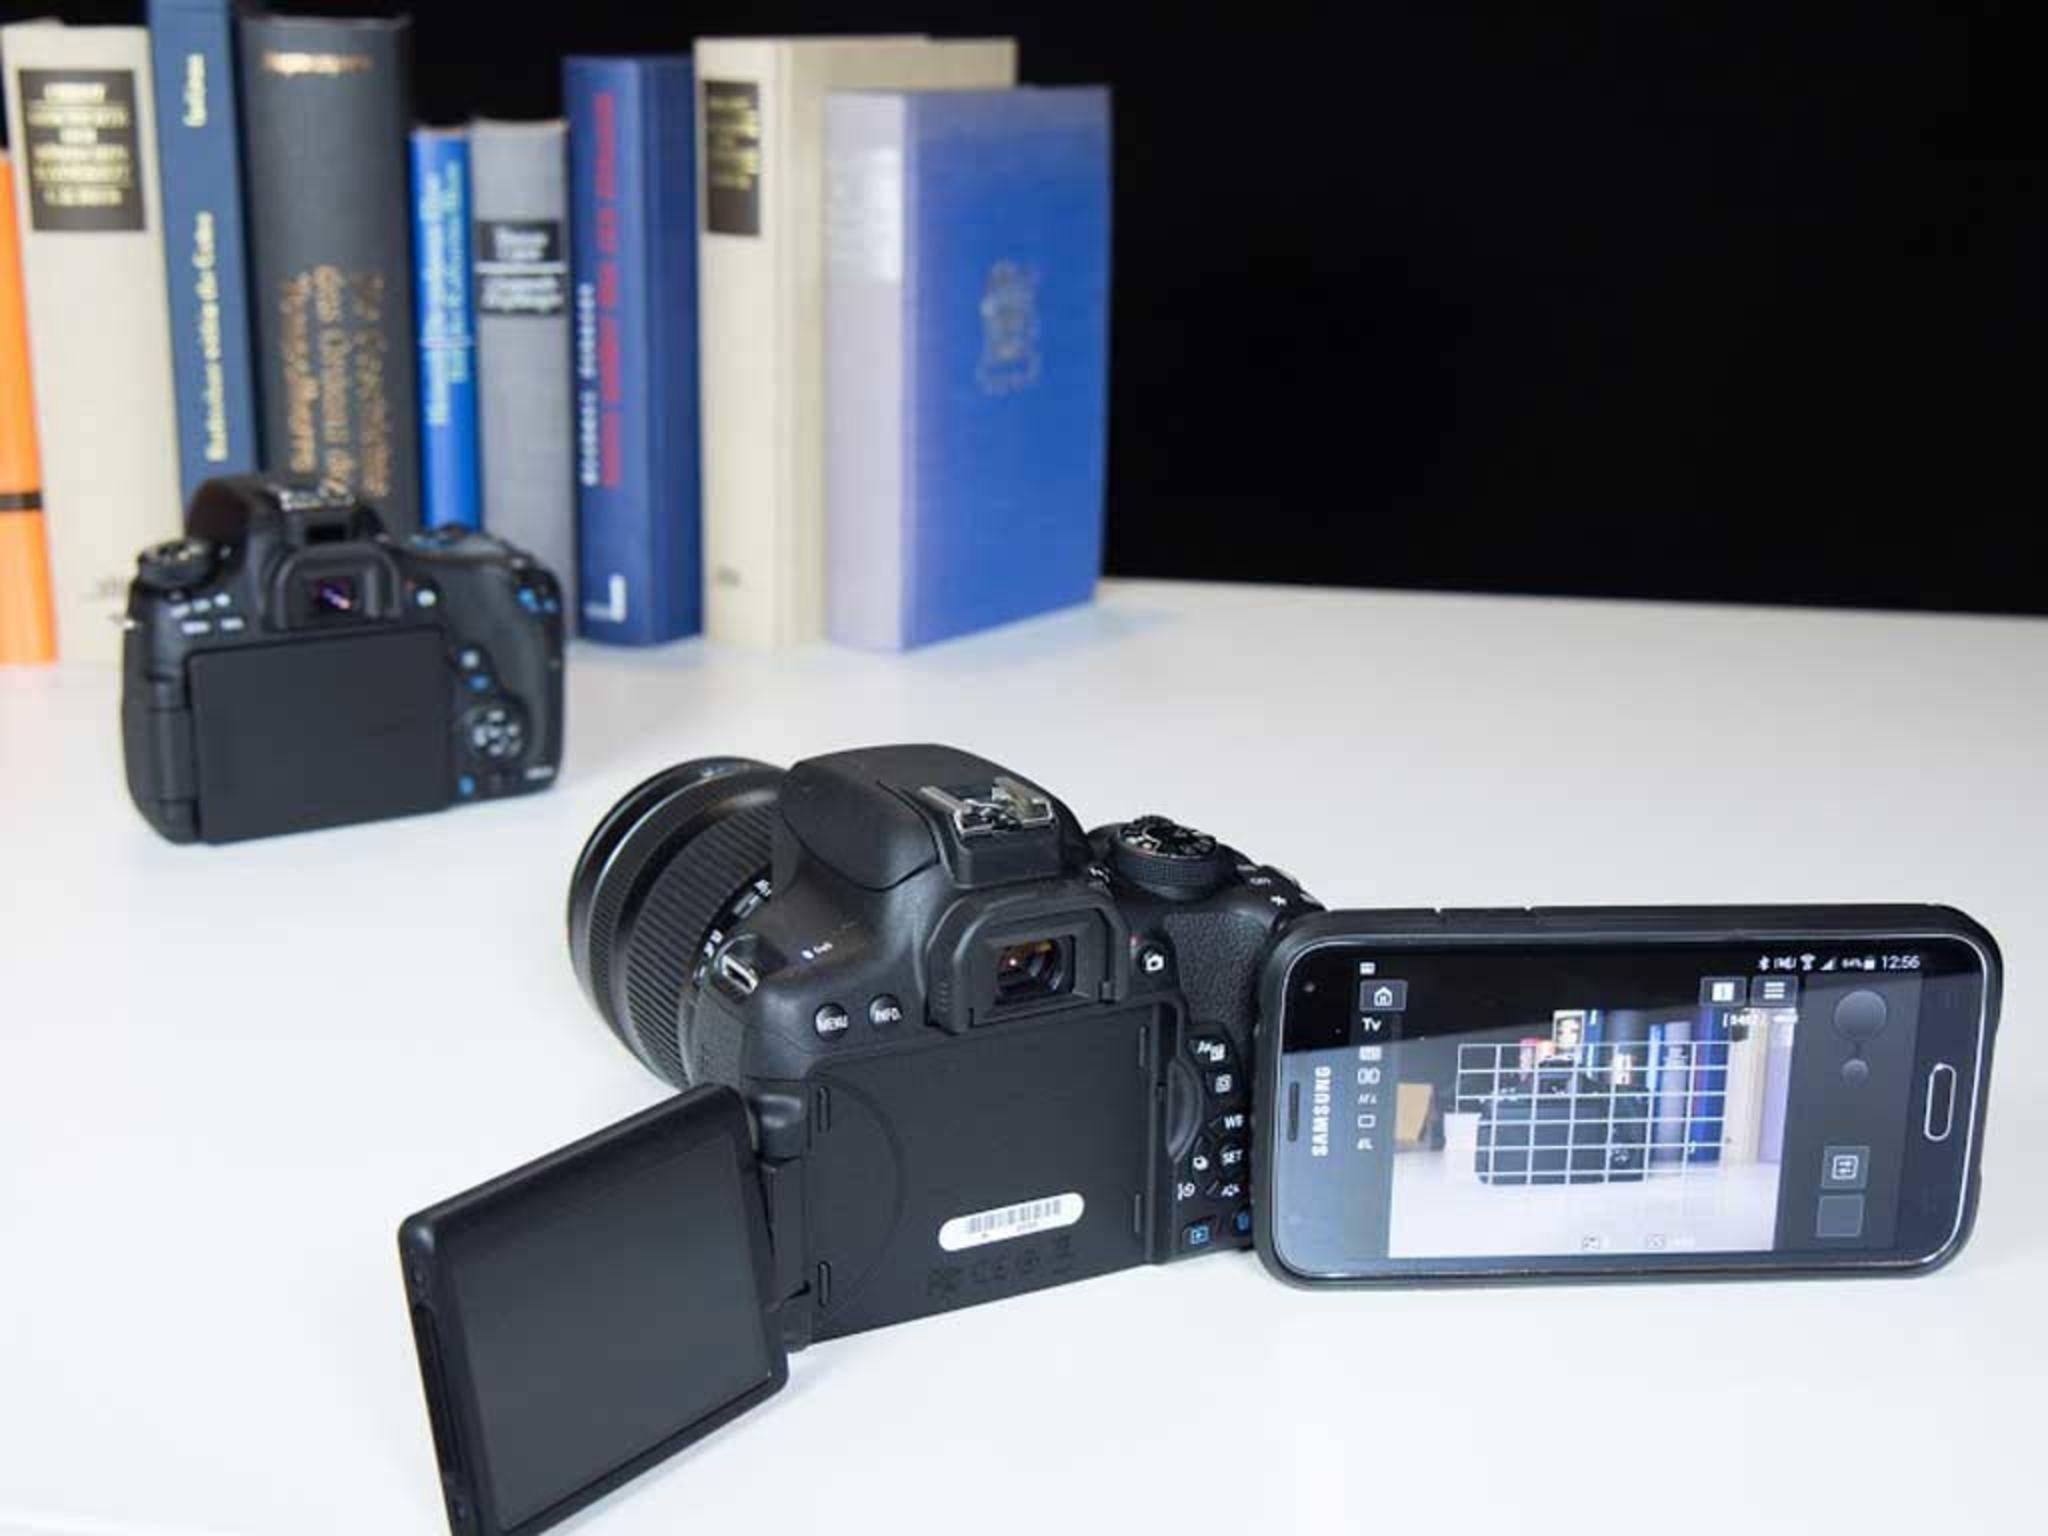 ... Smartphone ferngesteuert Fotos machen, wobei man ...